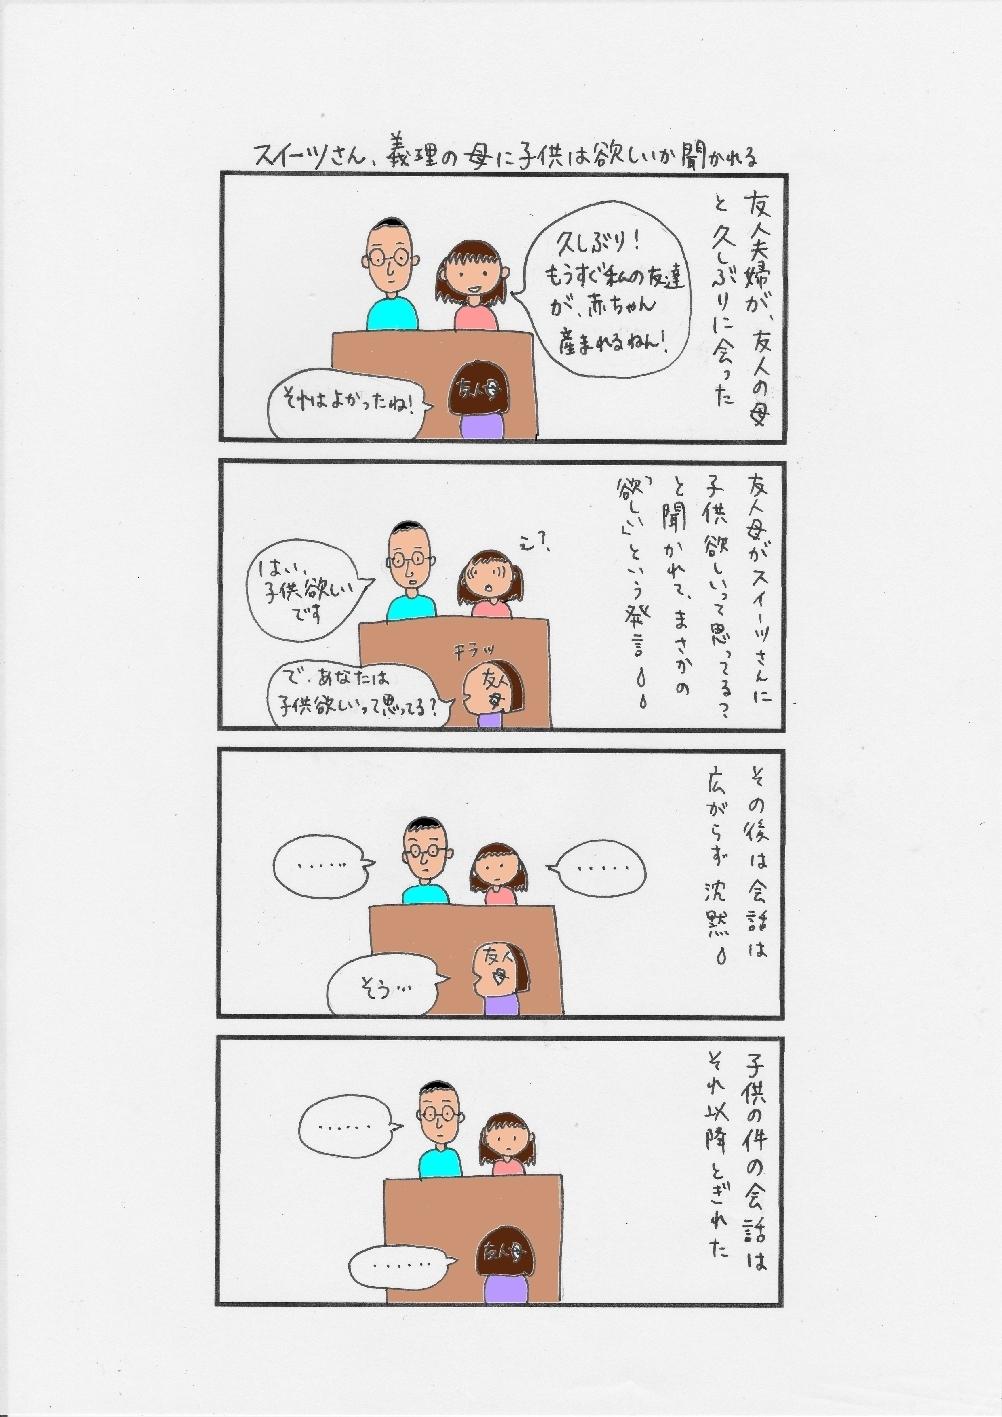 友人子供欲しい発言.jpg